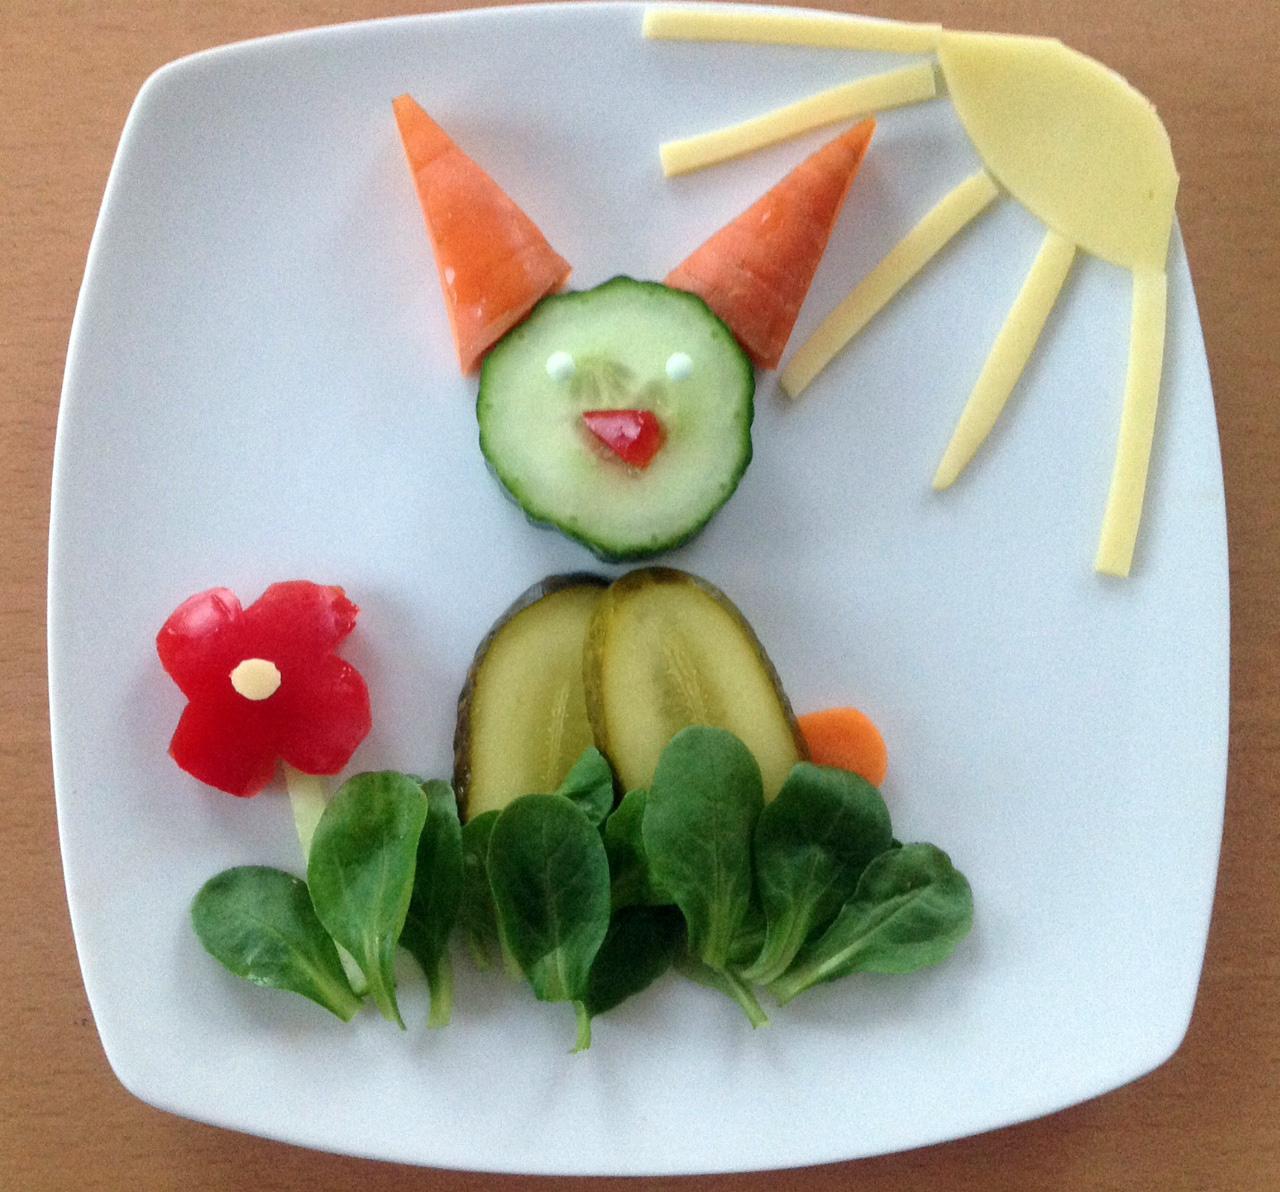 Ein einfacher Hase aus Resten. Gewürzgurke, Salatgurke, Feldsalat, Paprika, Karotte, Gouda.